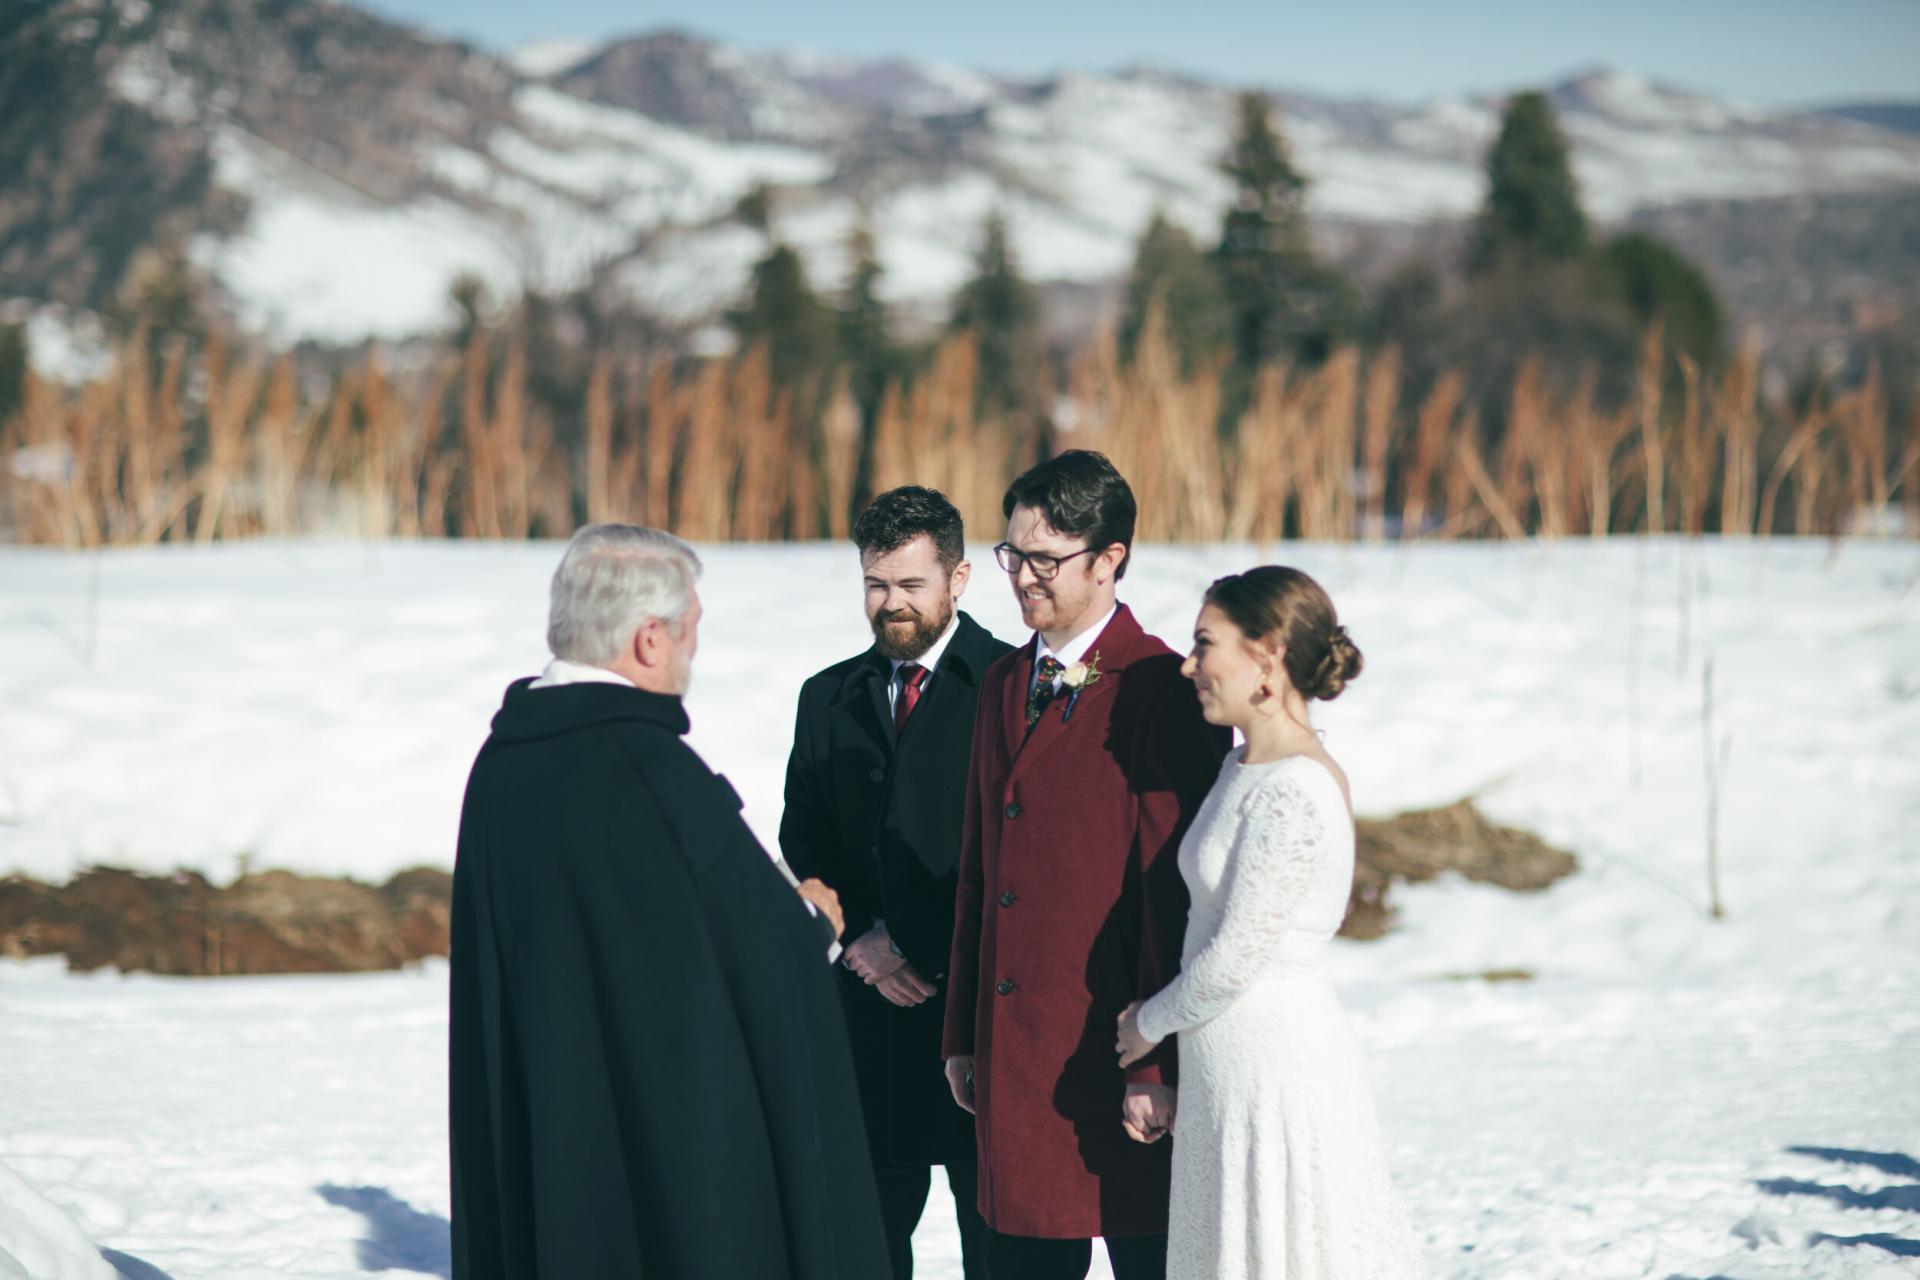 CO Winter Elopement Zeremonie Fotografie | Bruder und Trauzeuge stehen als Zeuge bereit